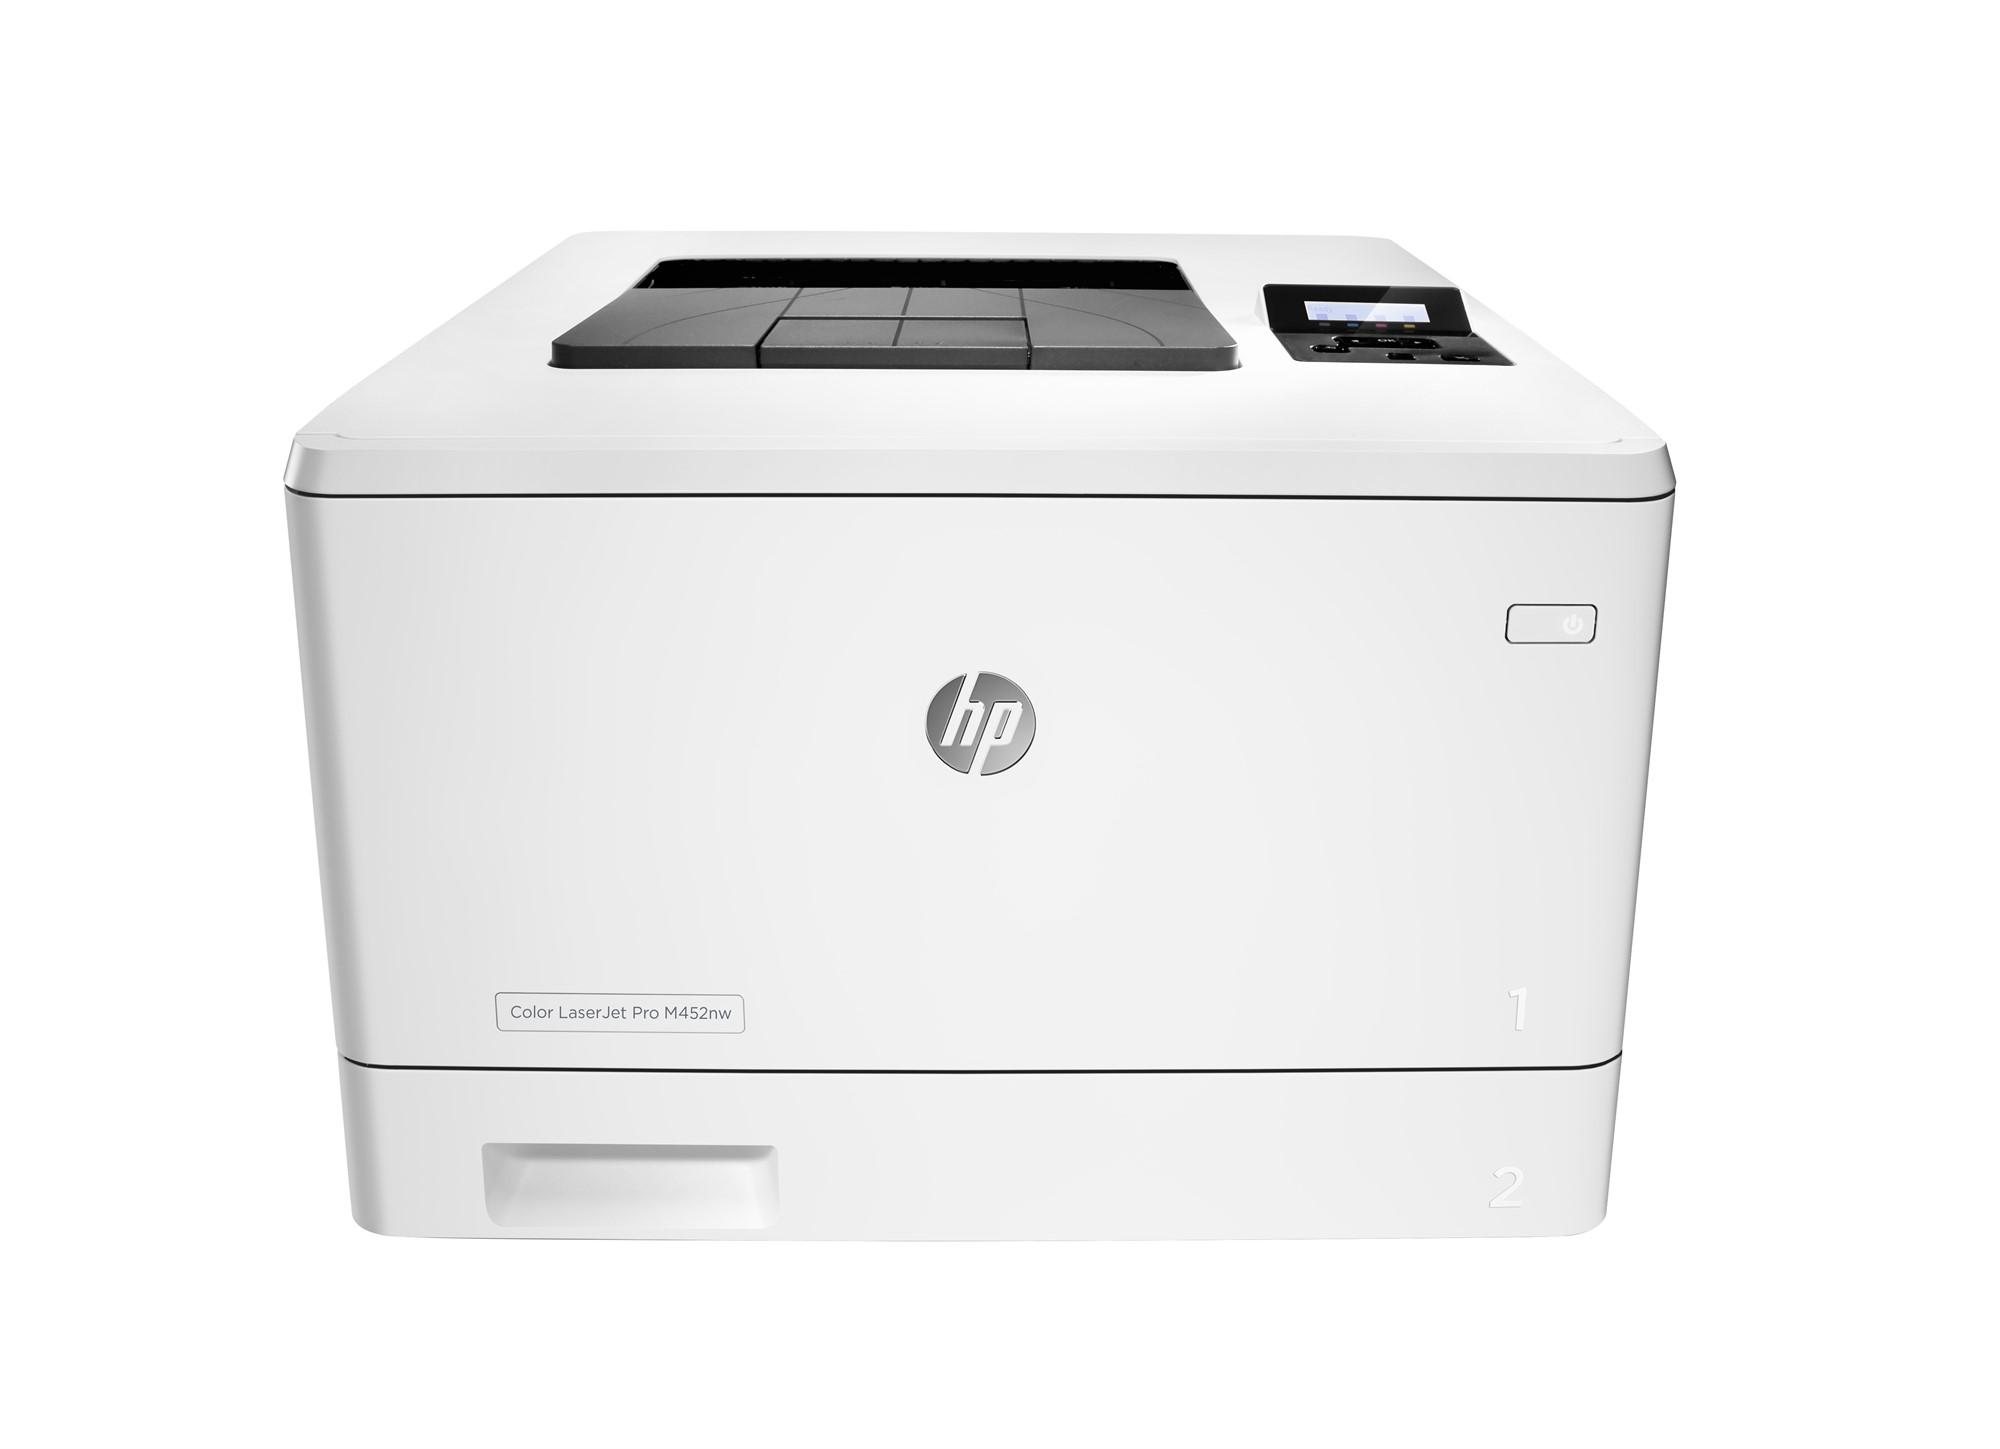 HP LaserJet Pro Color Pro M452nw